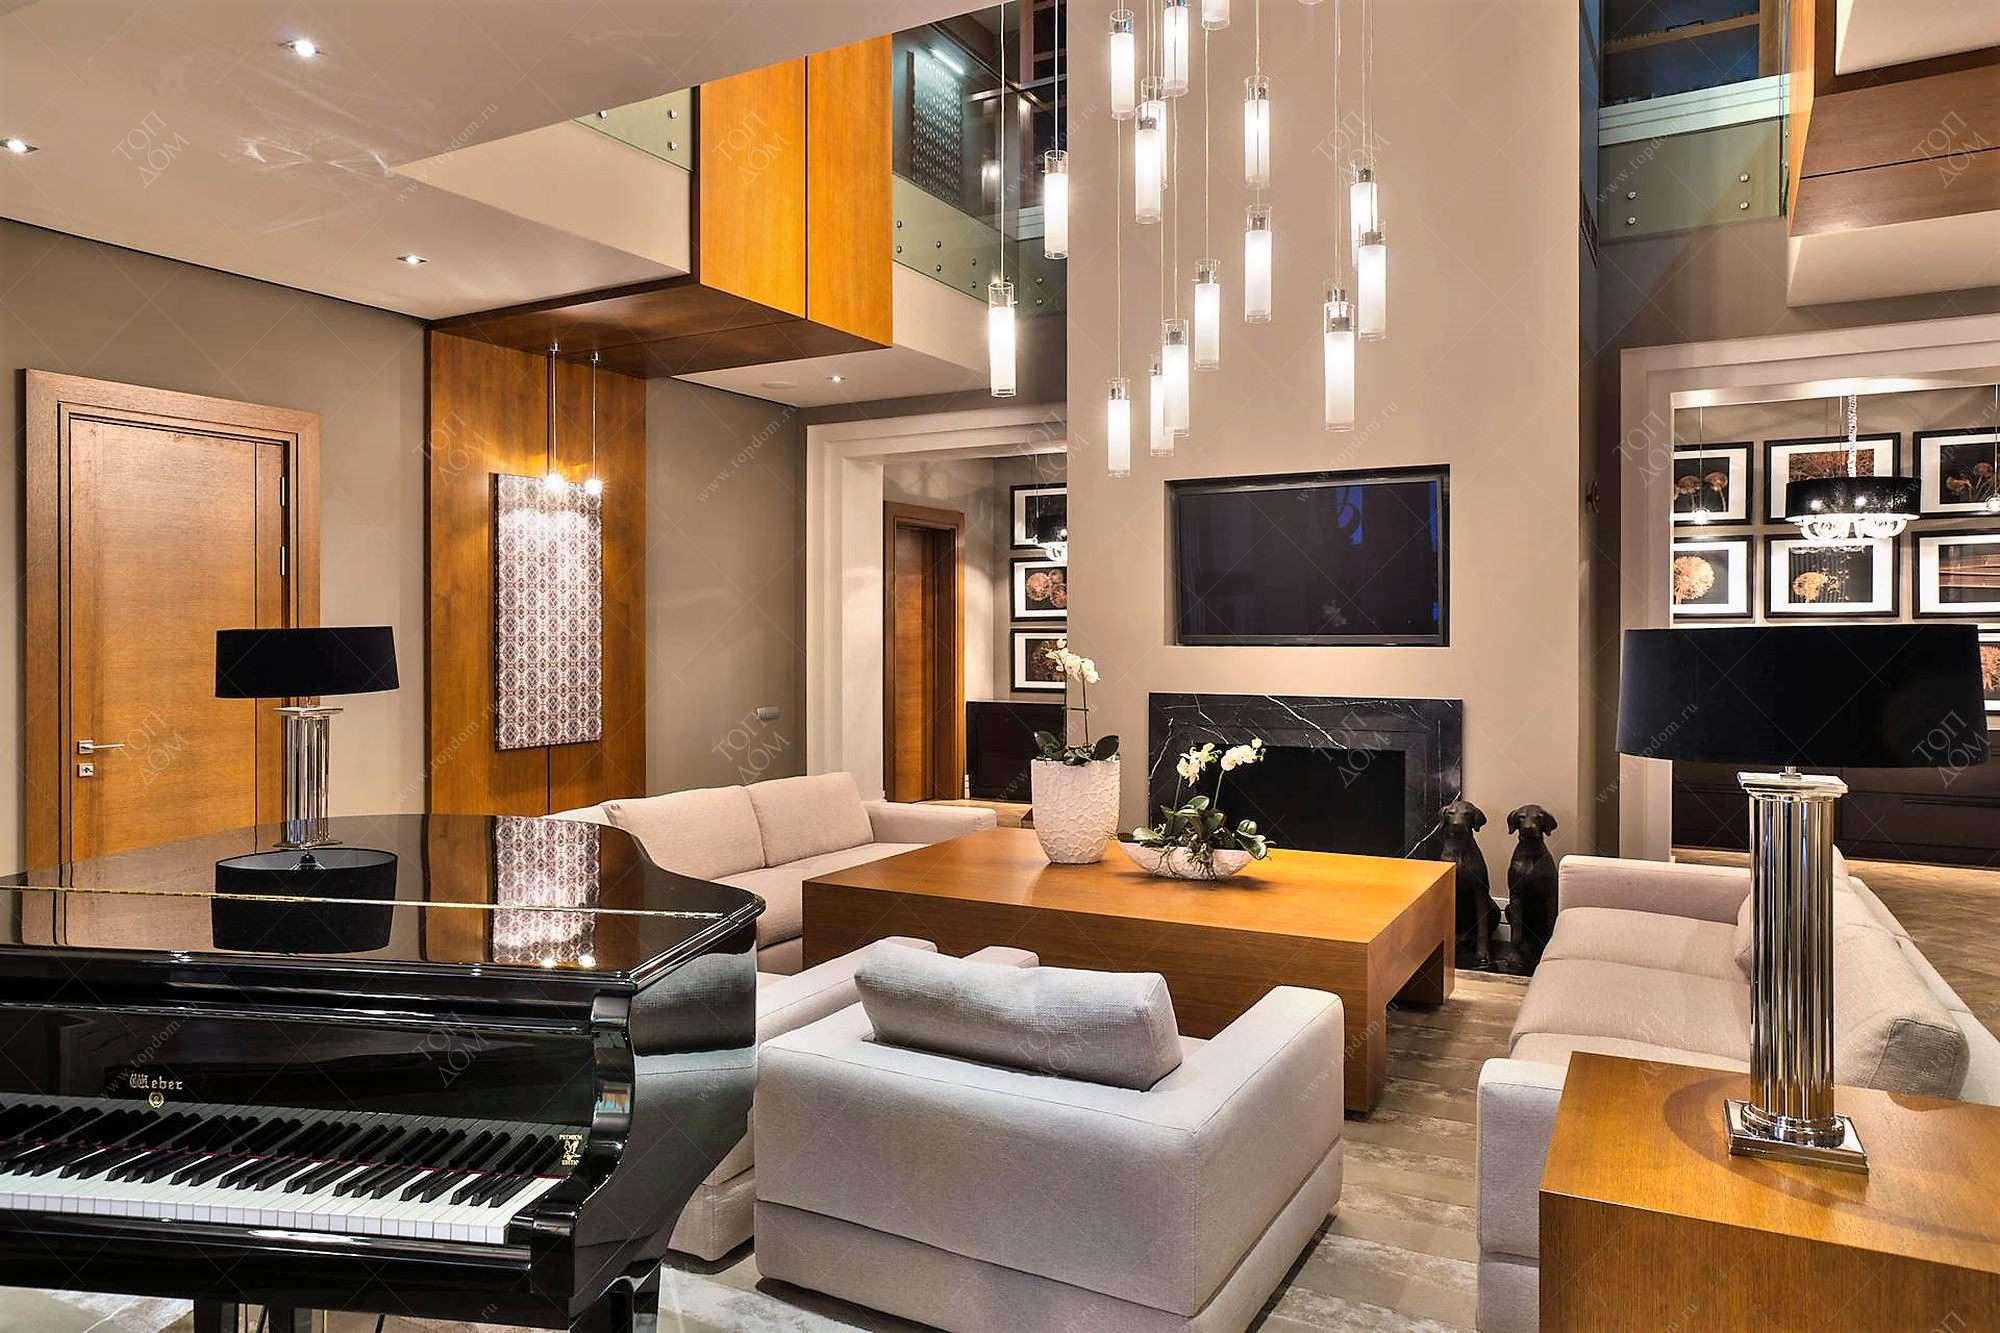 Интерьер коридоров в квартире